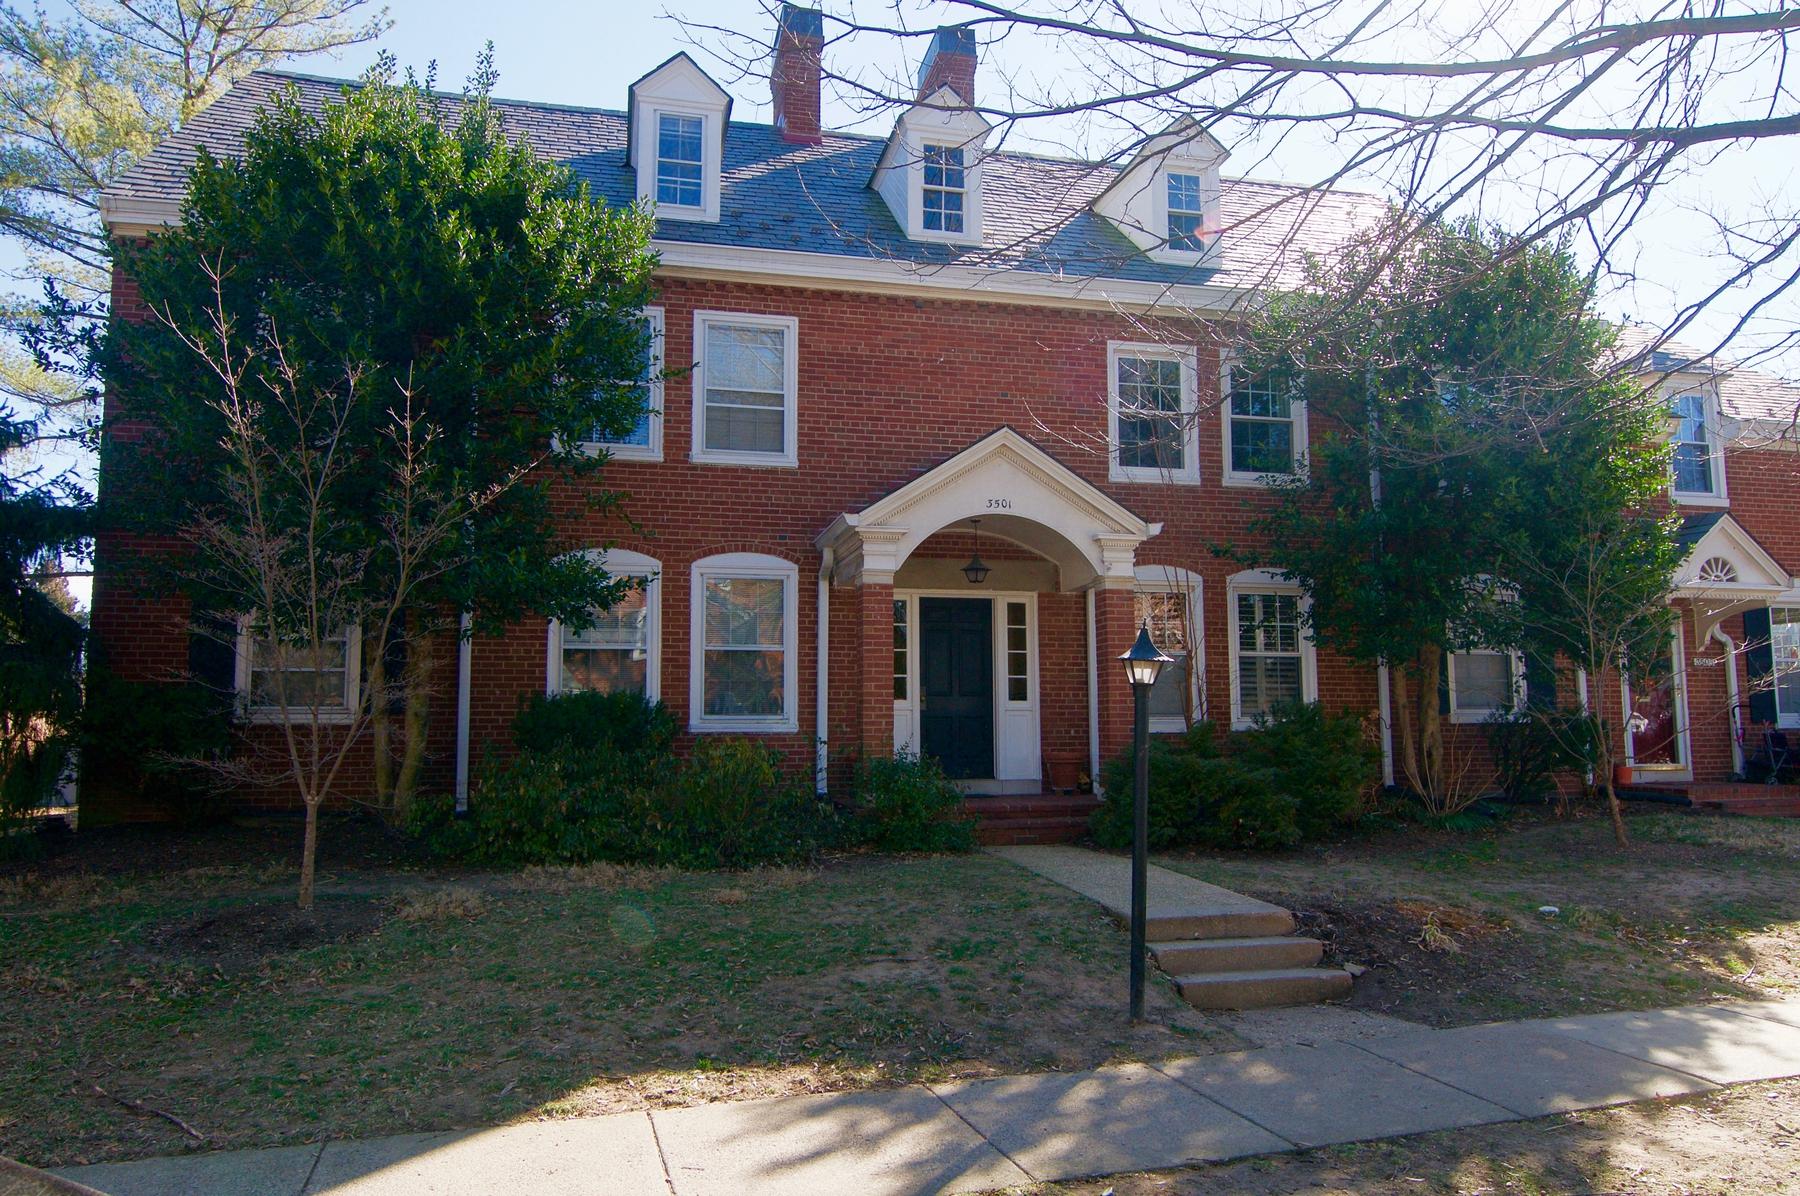 Appartement voor Huren een t Fairlington Glen 3501 S Stafford St B-1 Arlington, Virginia 22206 Verenigde Staten